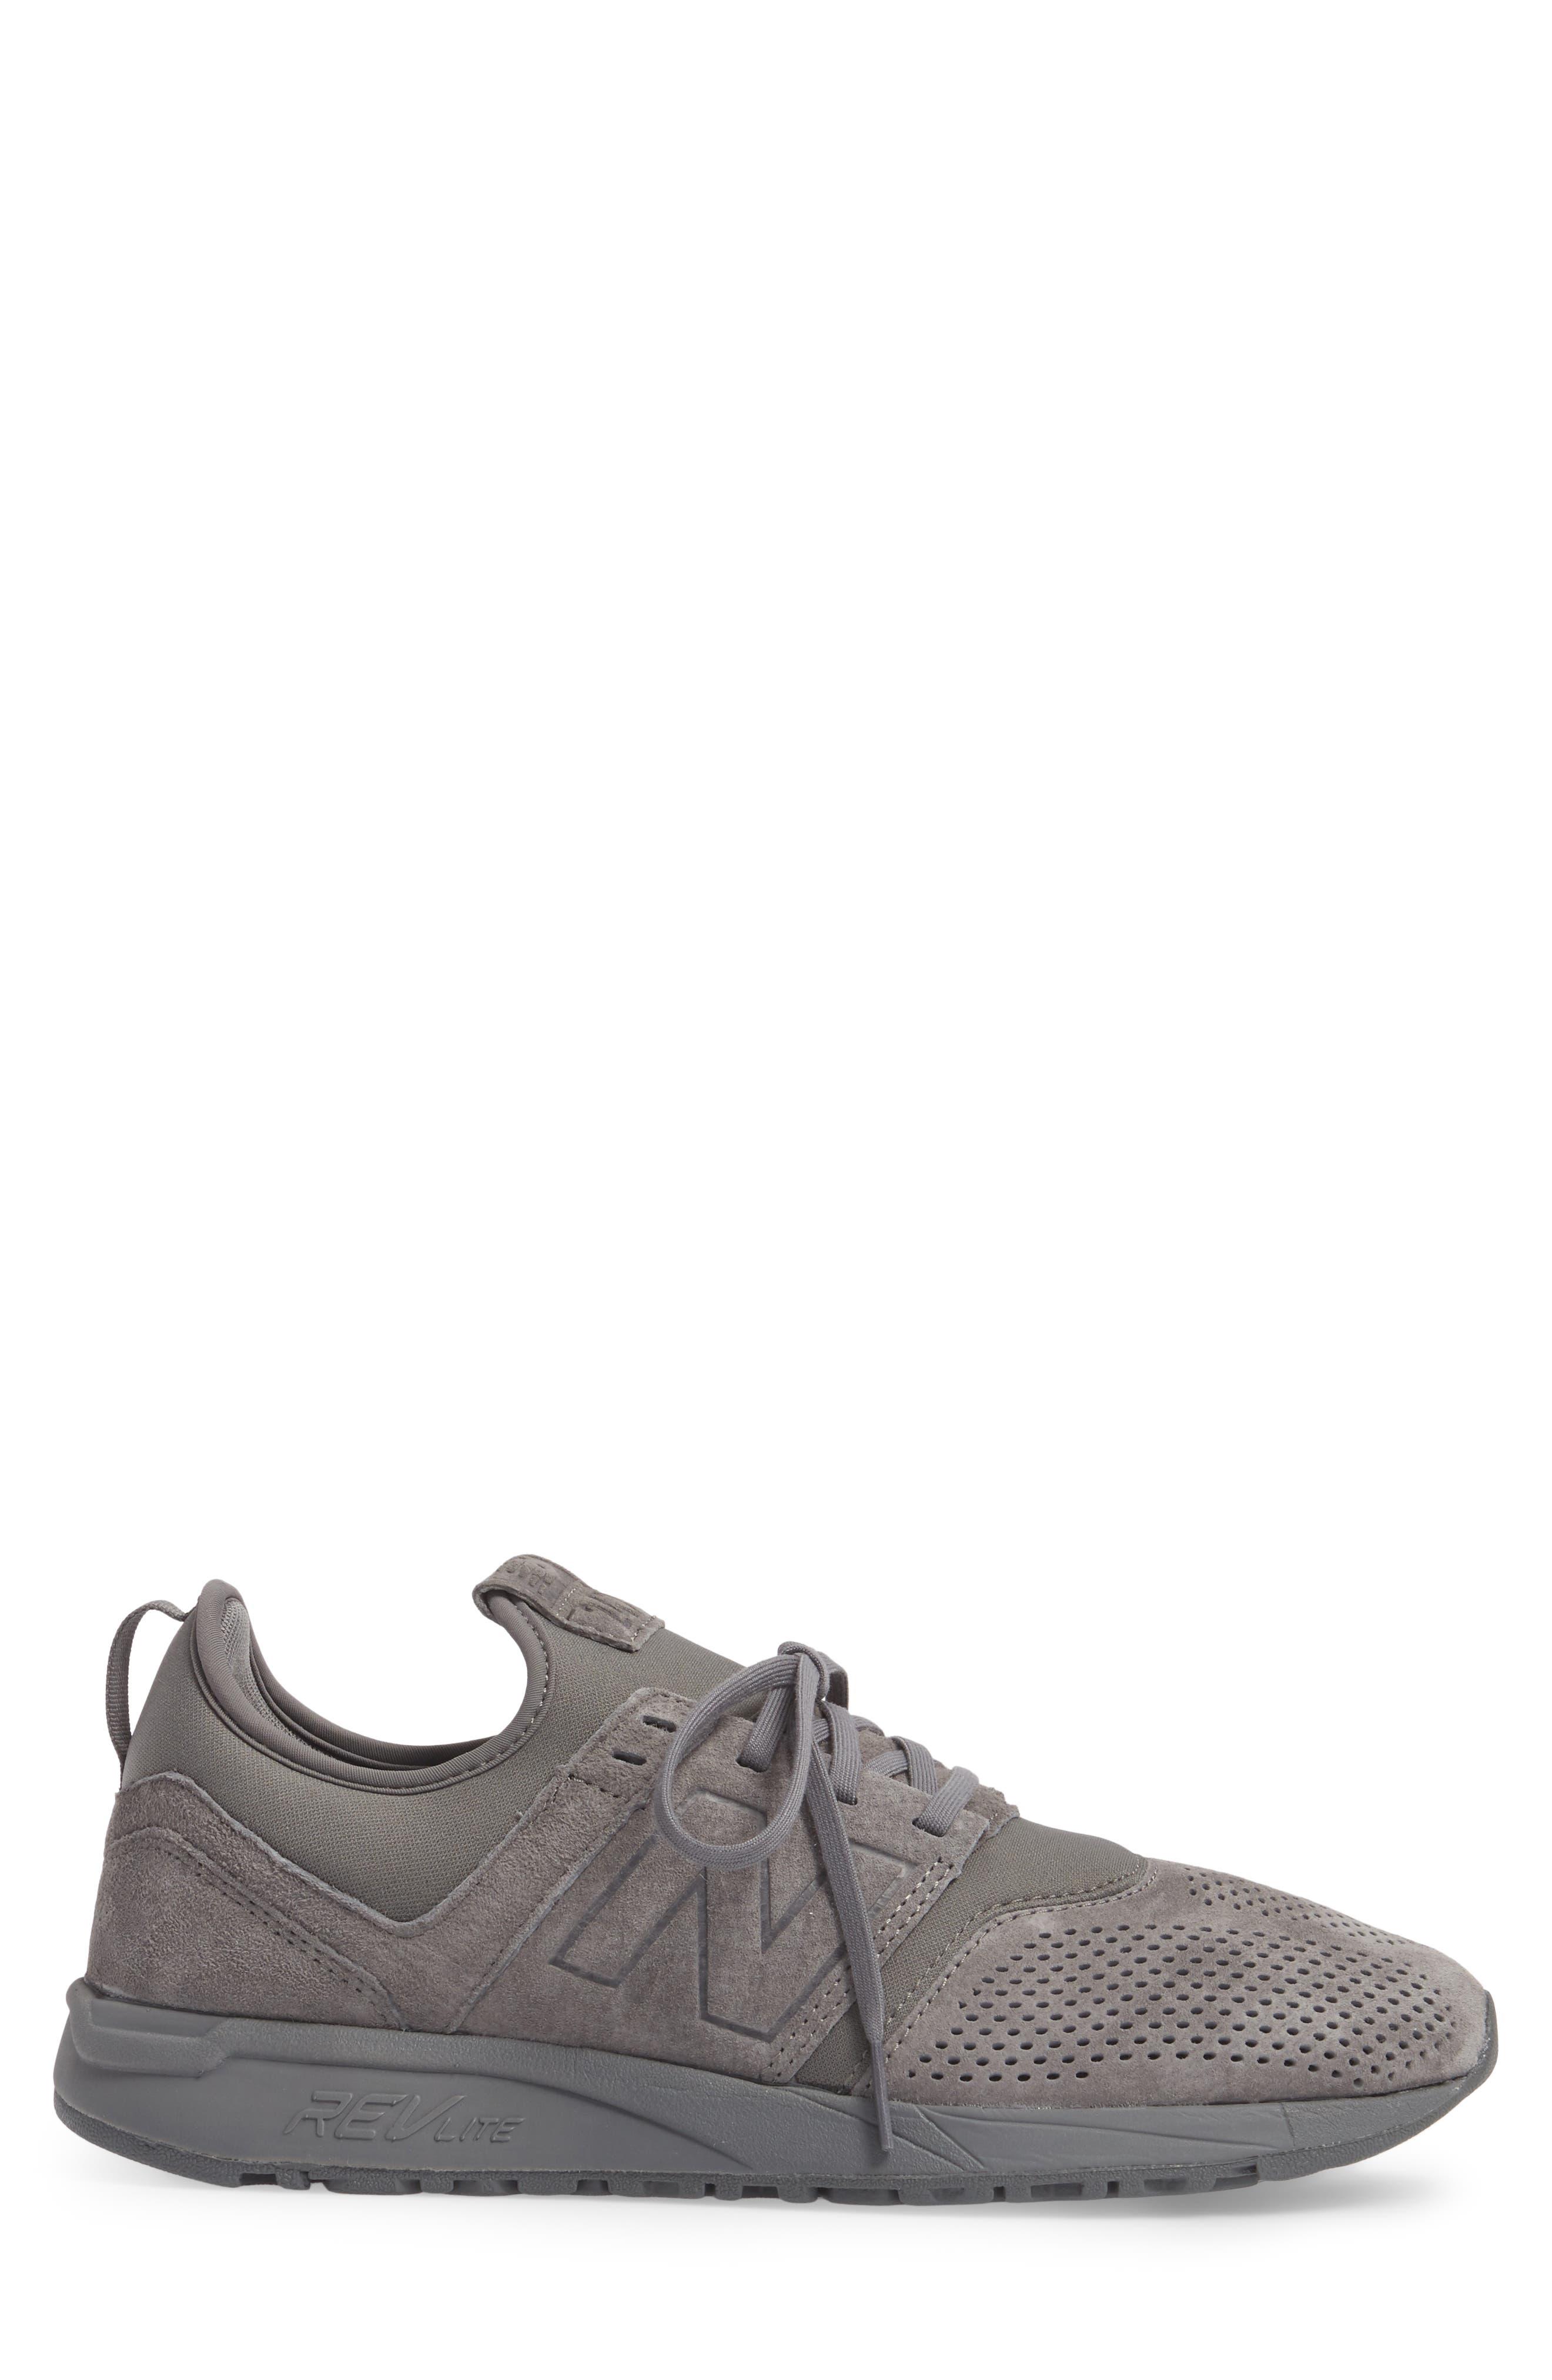 MRL247 Sneaker,                             Alternate thumbnail 3, color,                             Grey